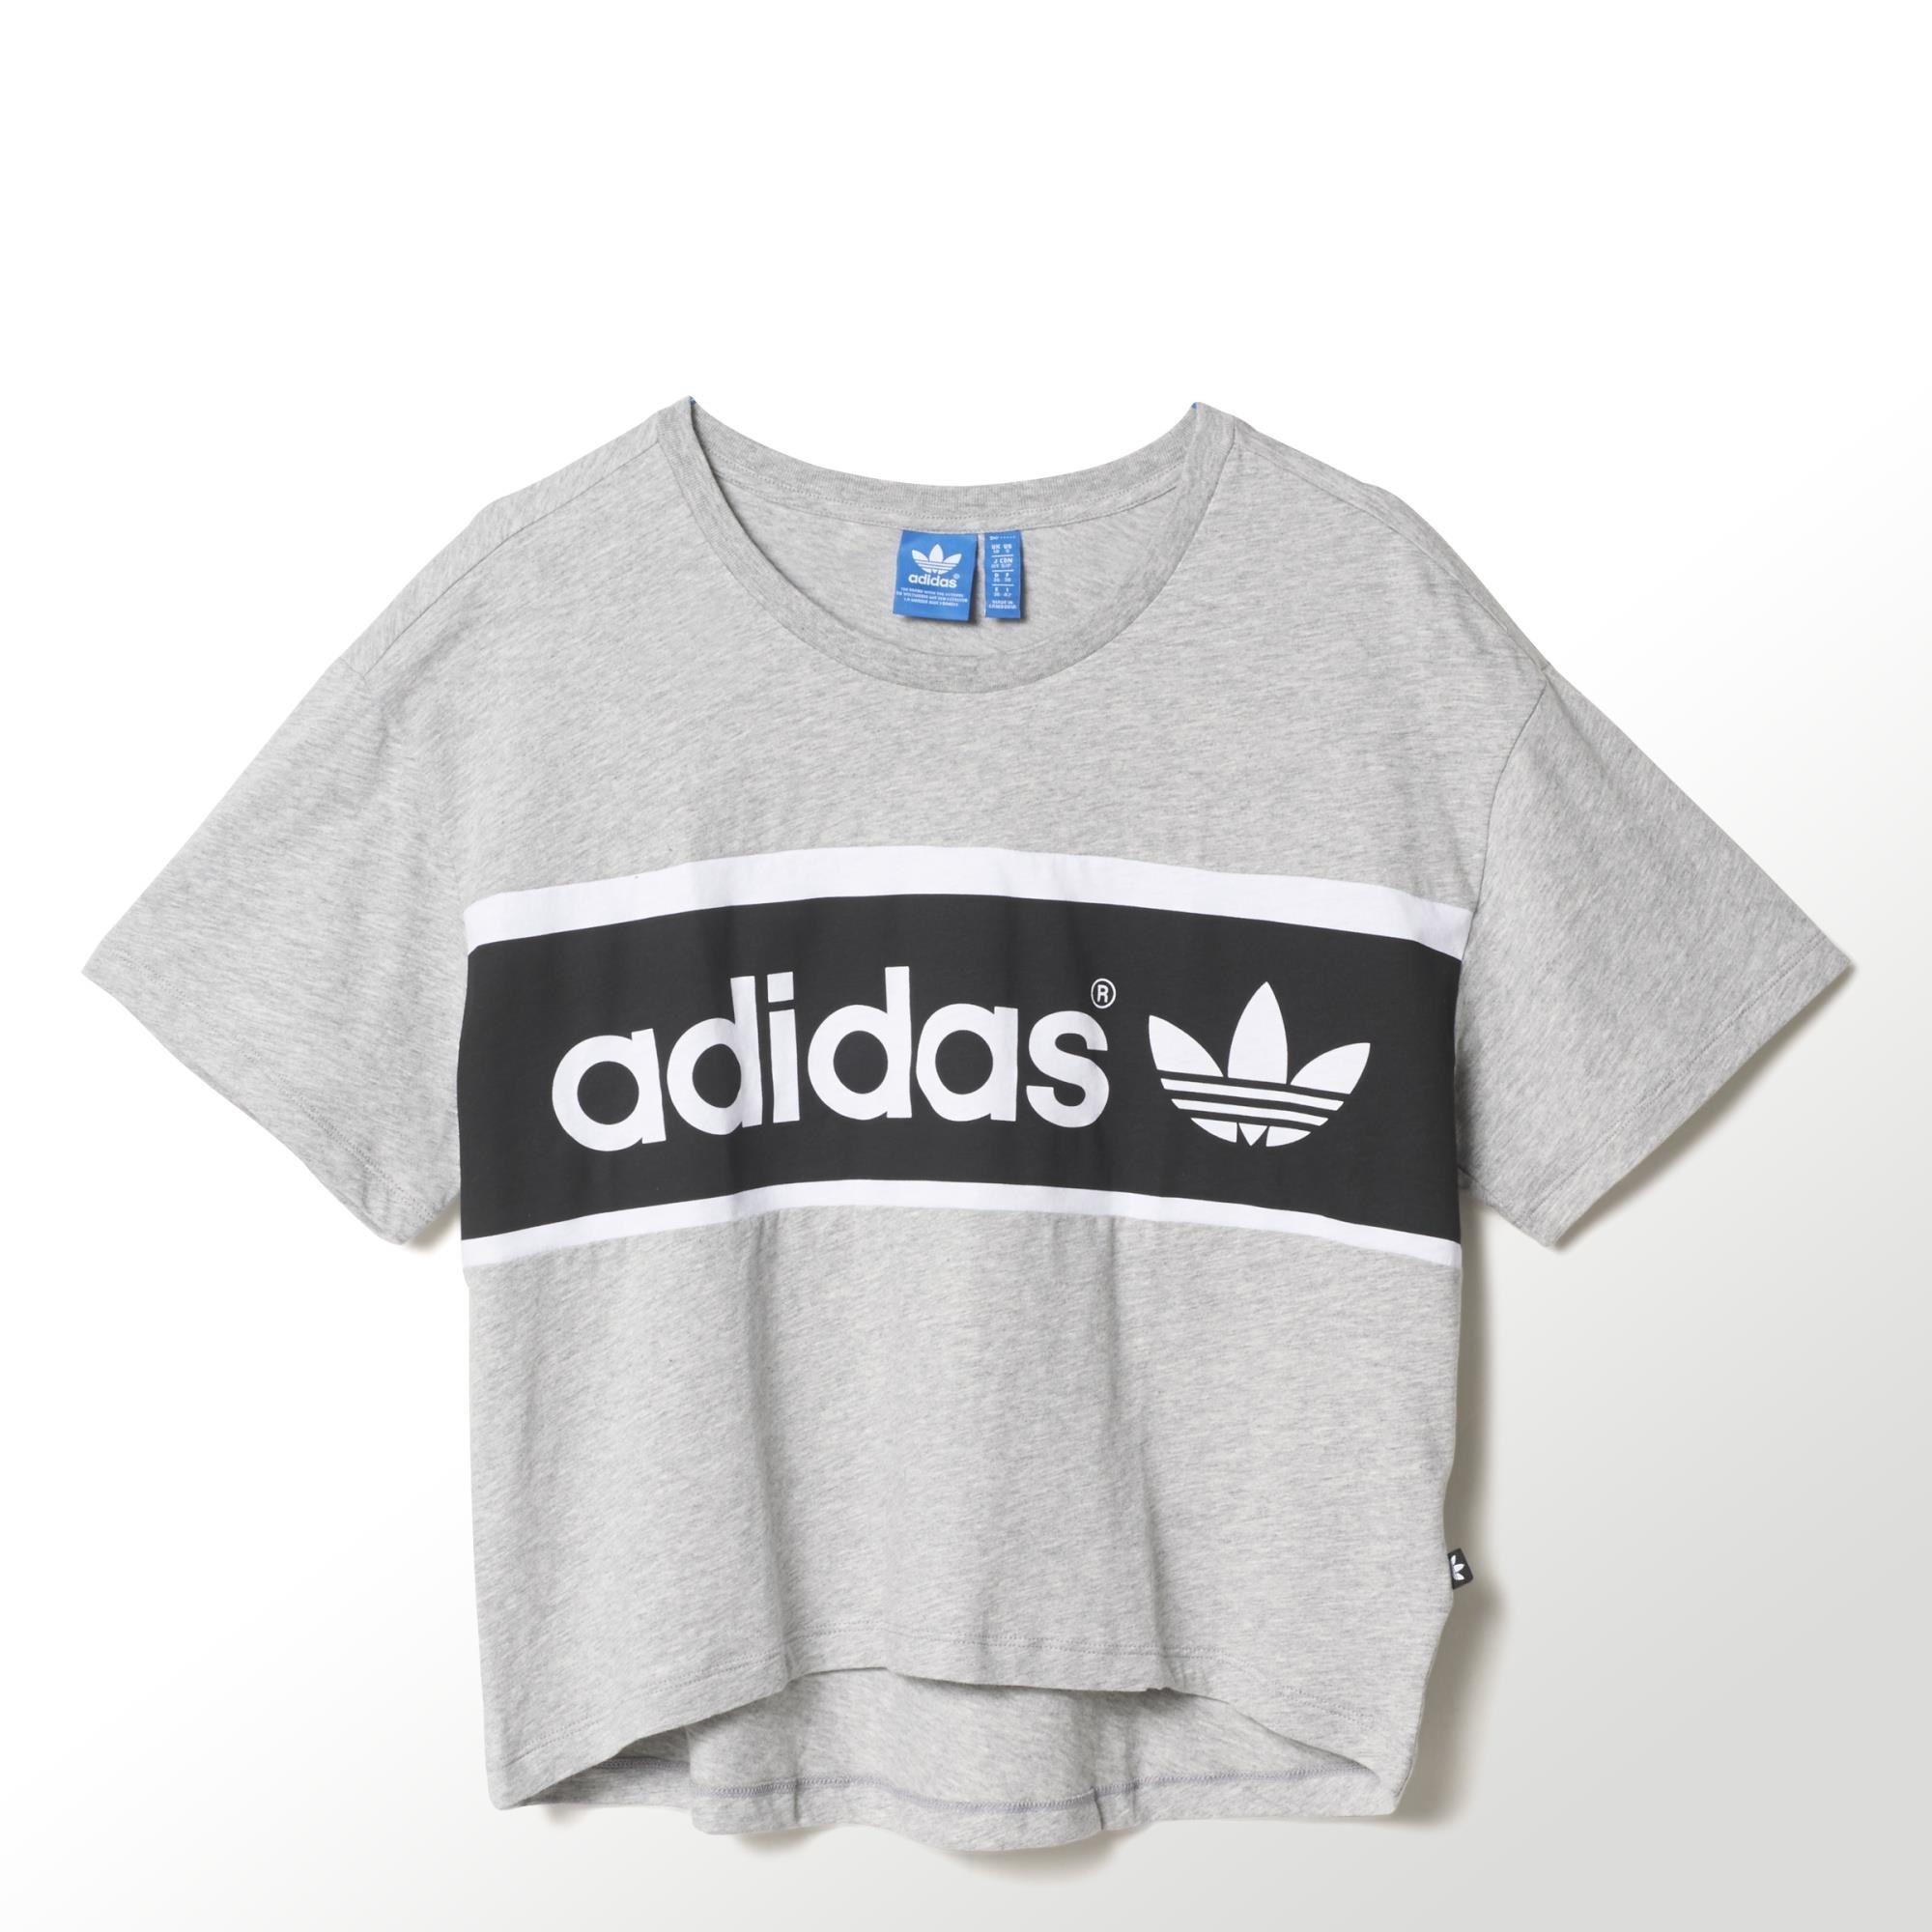 Adidas Originals Camiseta Mujer City Tokio (gris) 99b32a250e004